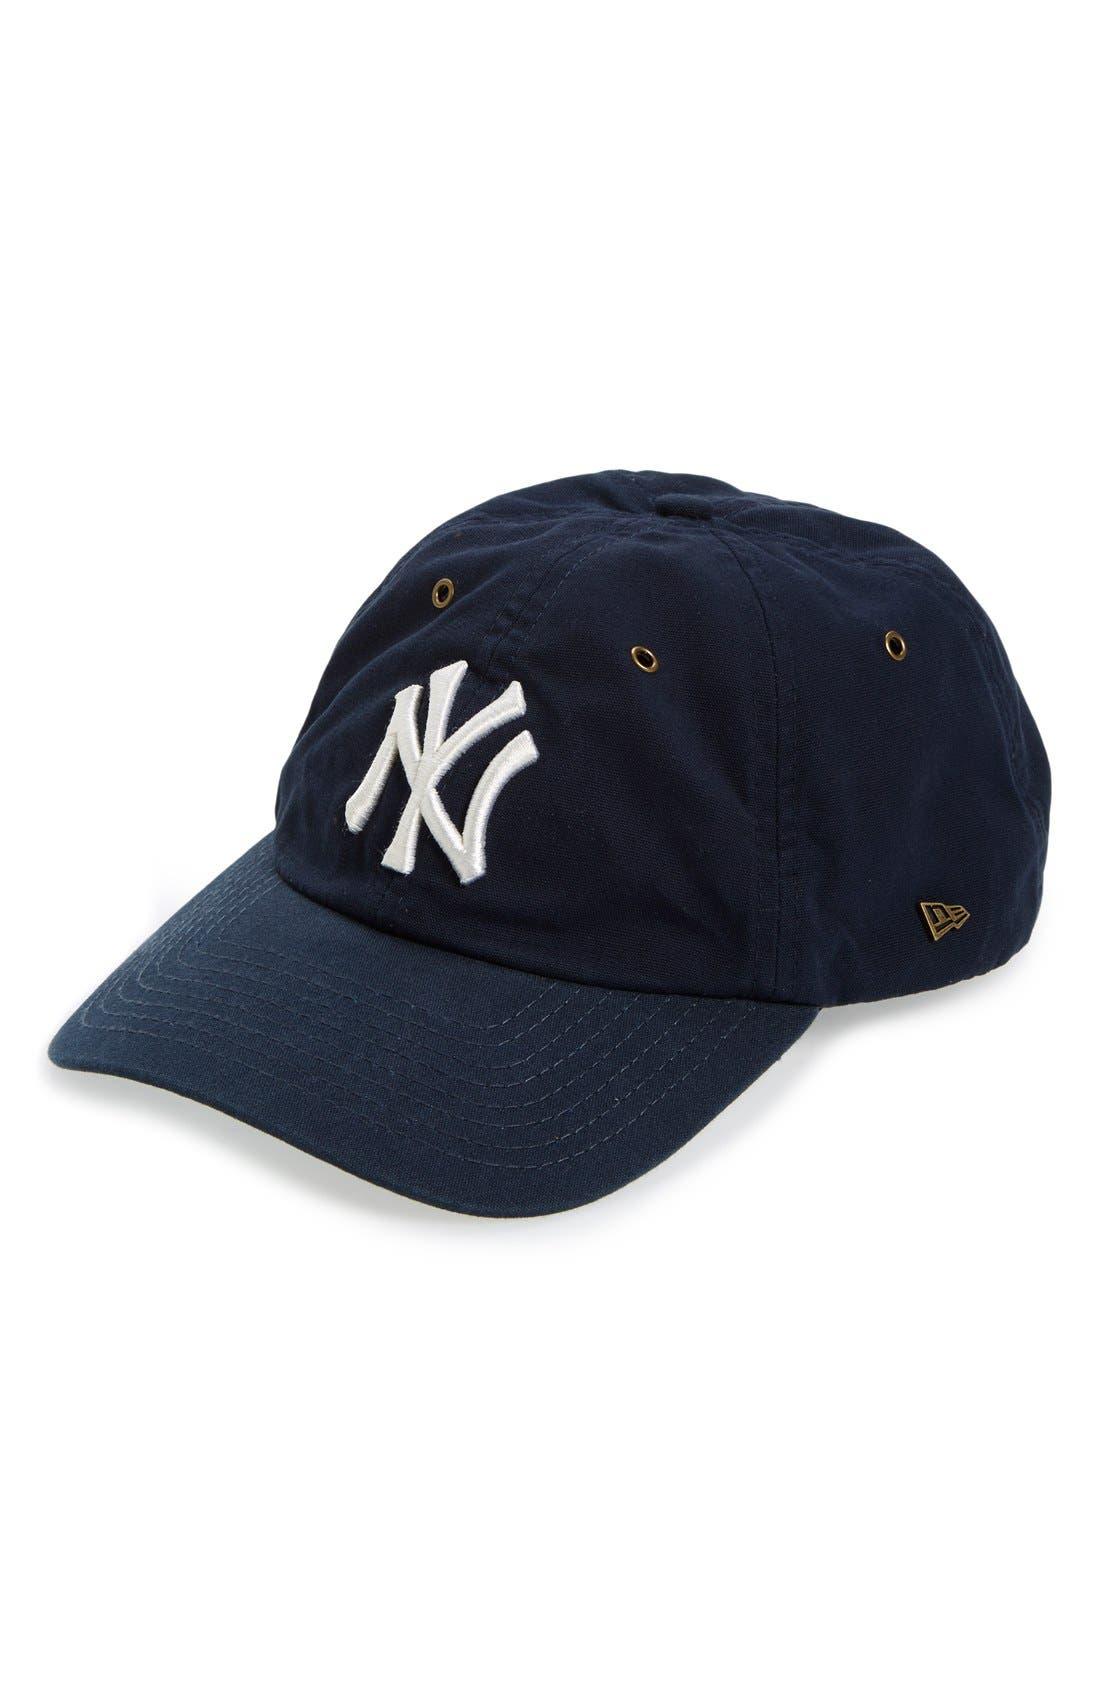 Main Image - New Era Cap 'New York Yankees' Baseball Cap